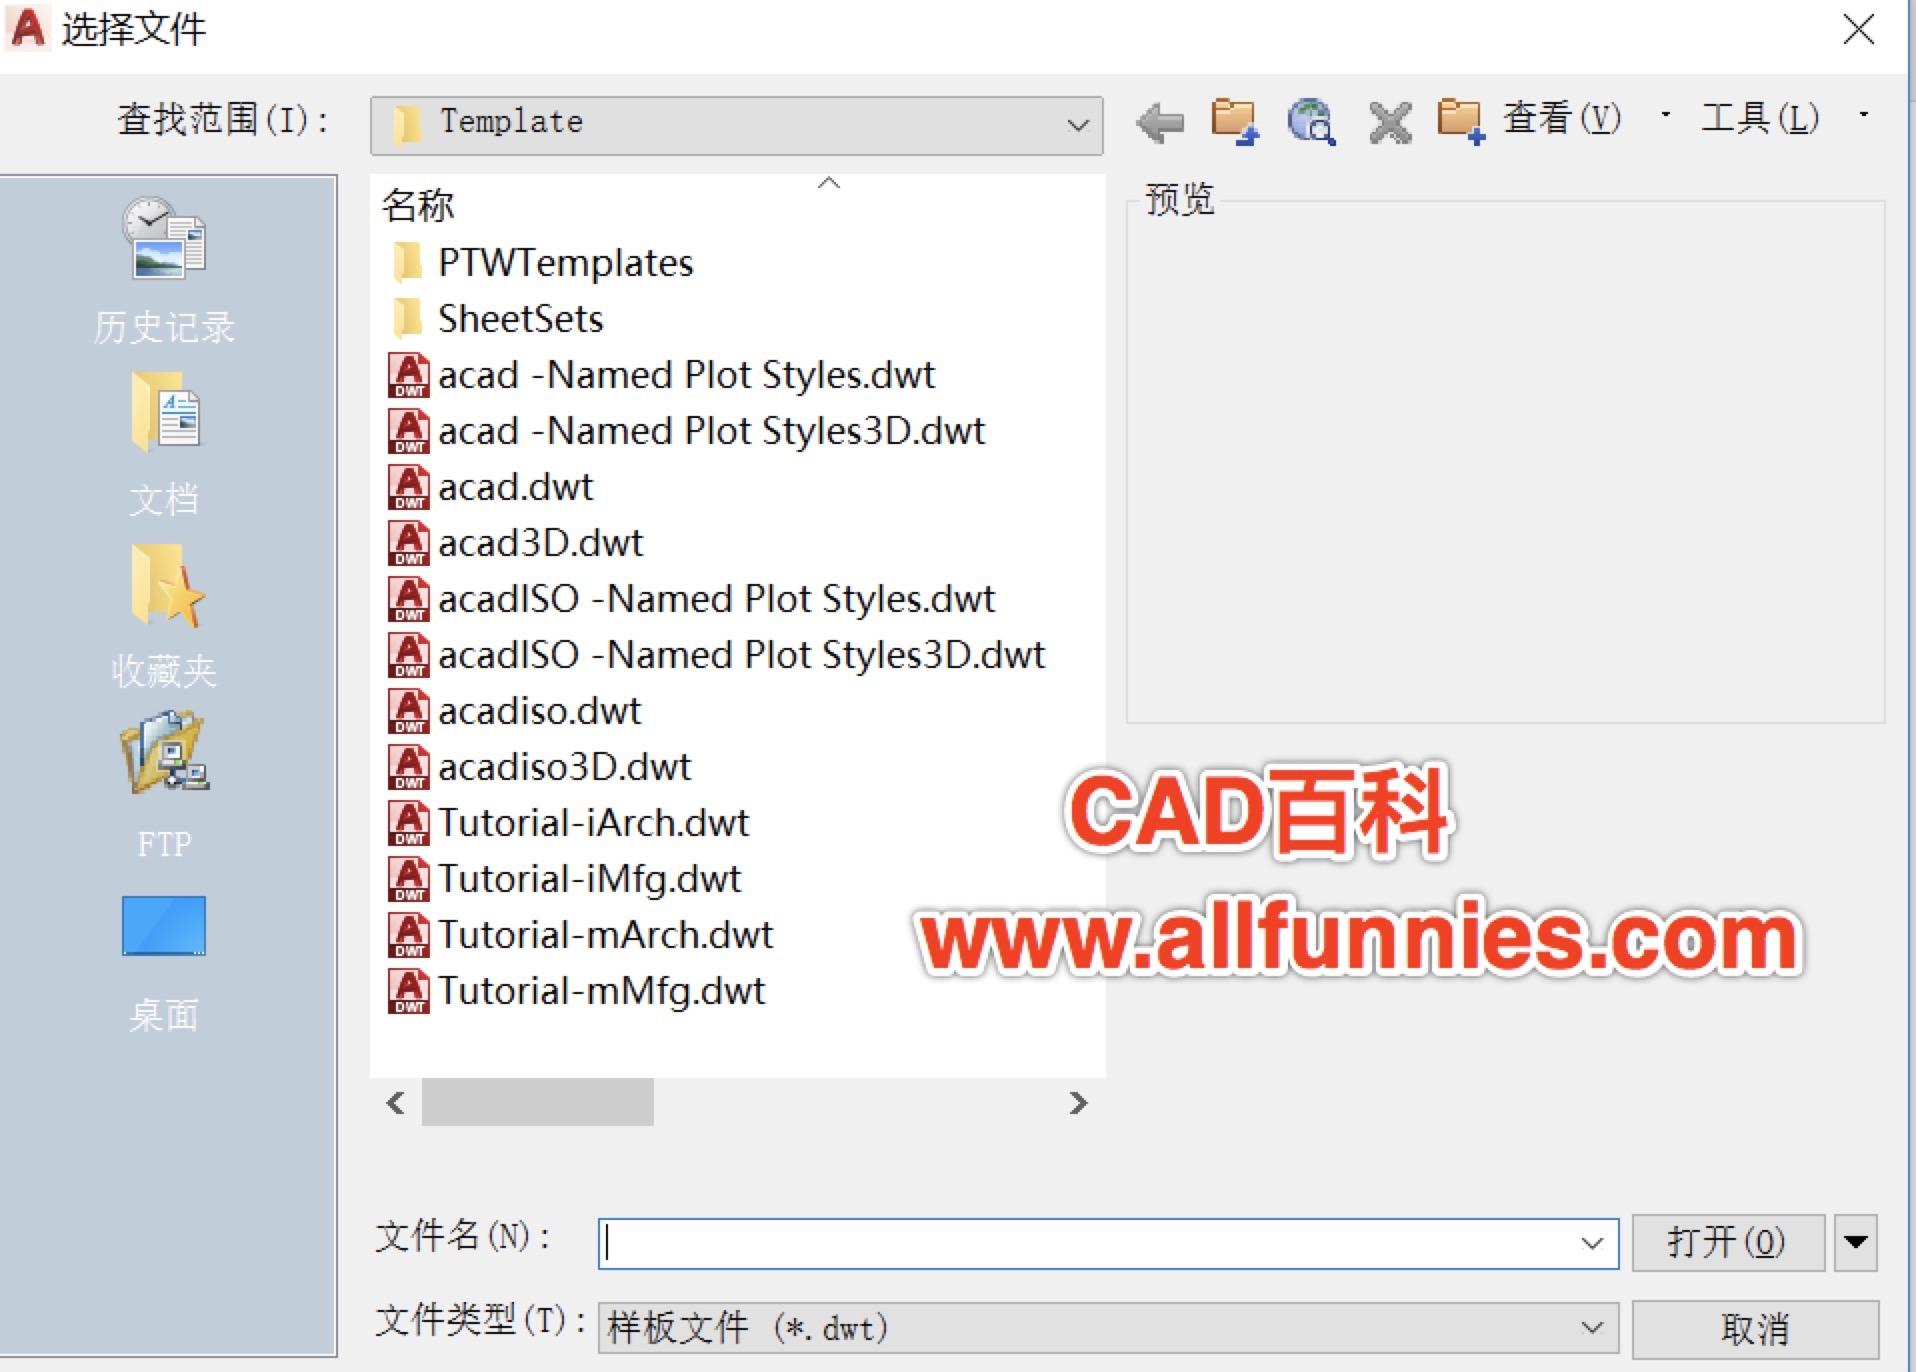 CAD中快速新建文件的方法详解